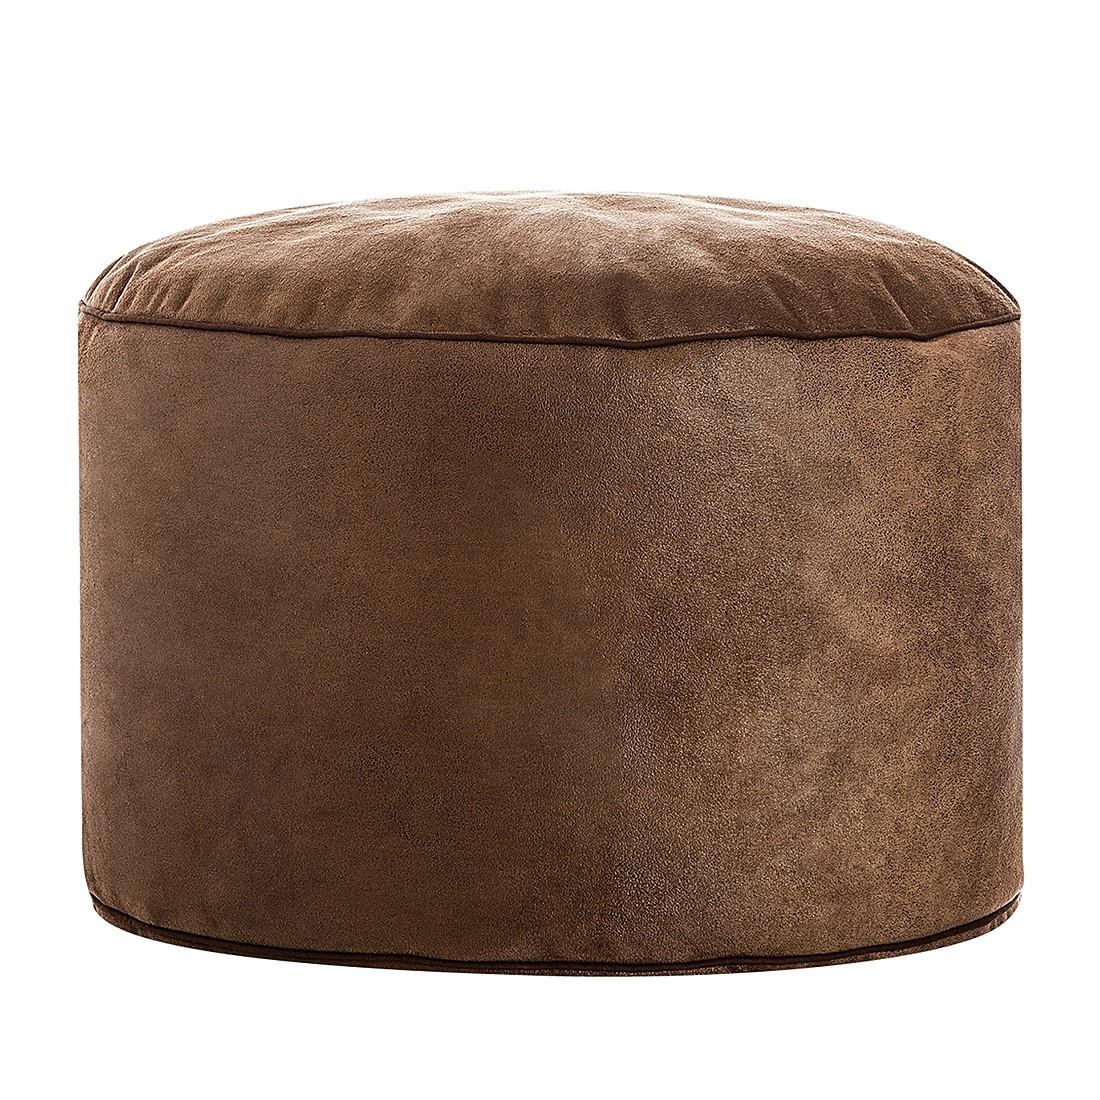 fu hocker preisvergleich die besten angebote online kaufen. Black Bedroom Furniture Sets. Home Design Ideas